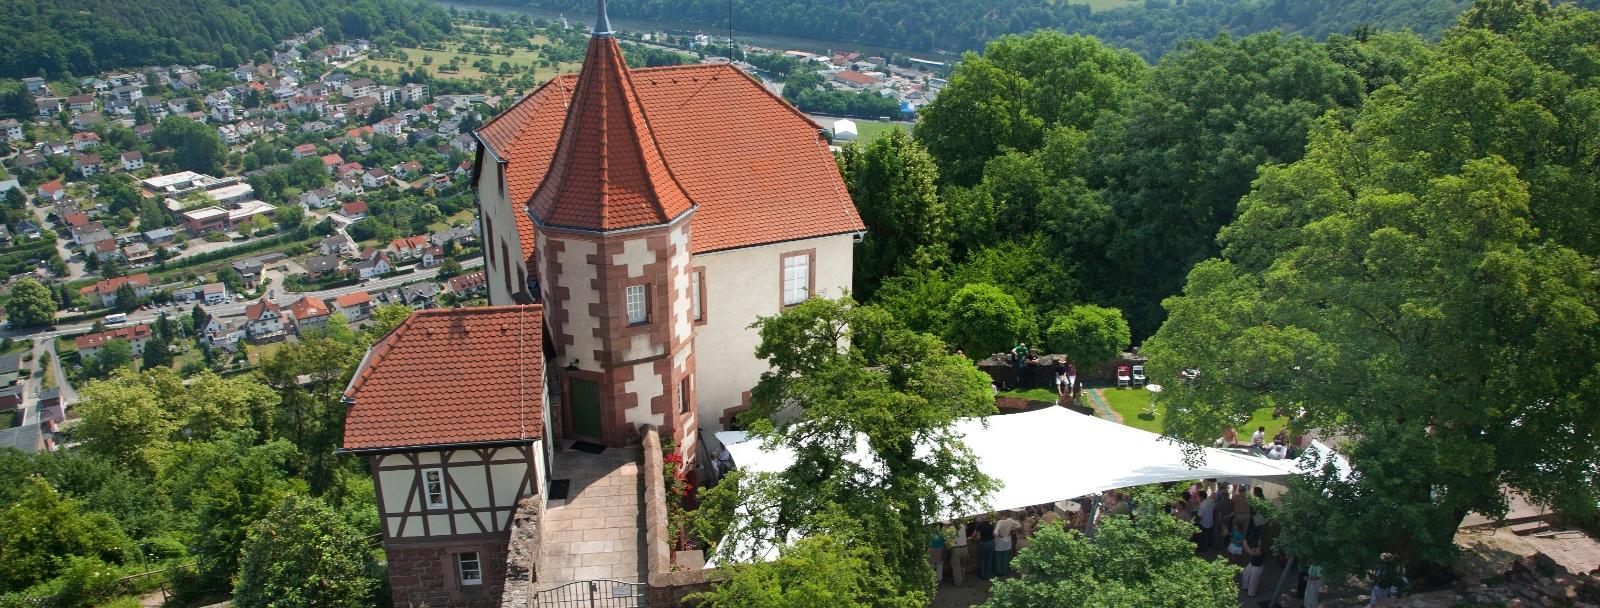 Frage zu Auf dem Neckarsteig von Heidelberg nach Bad